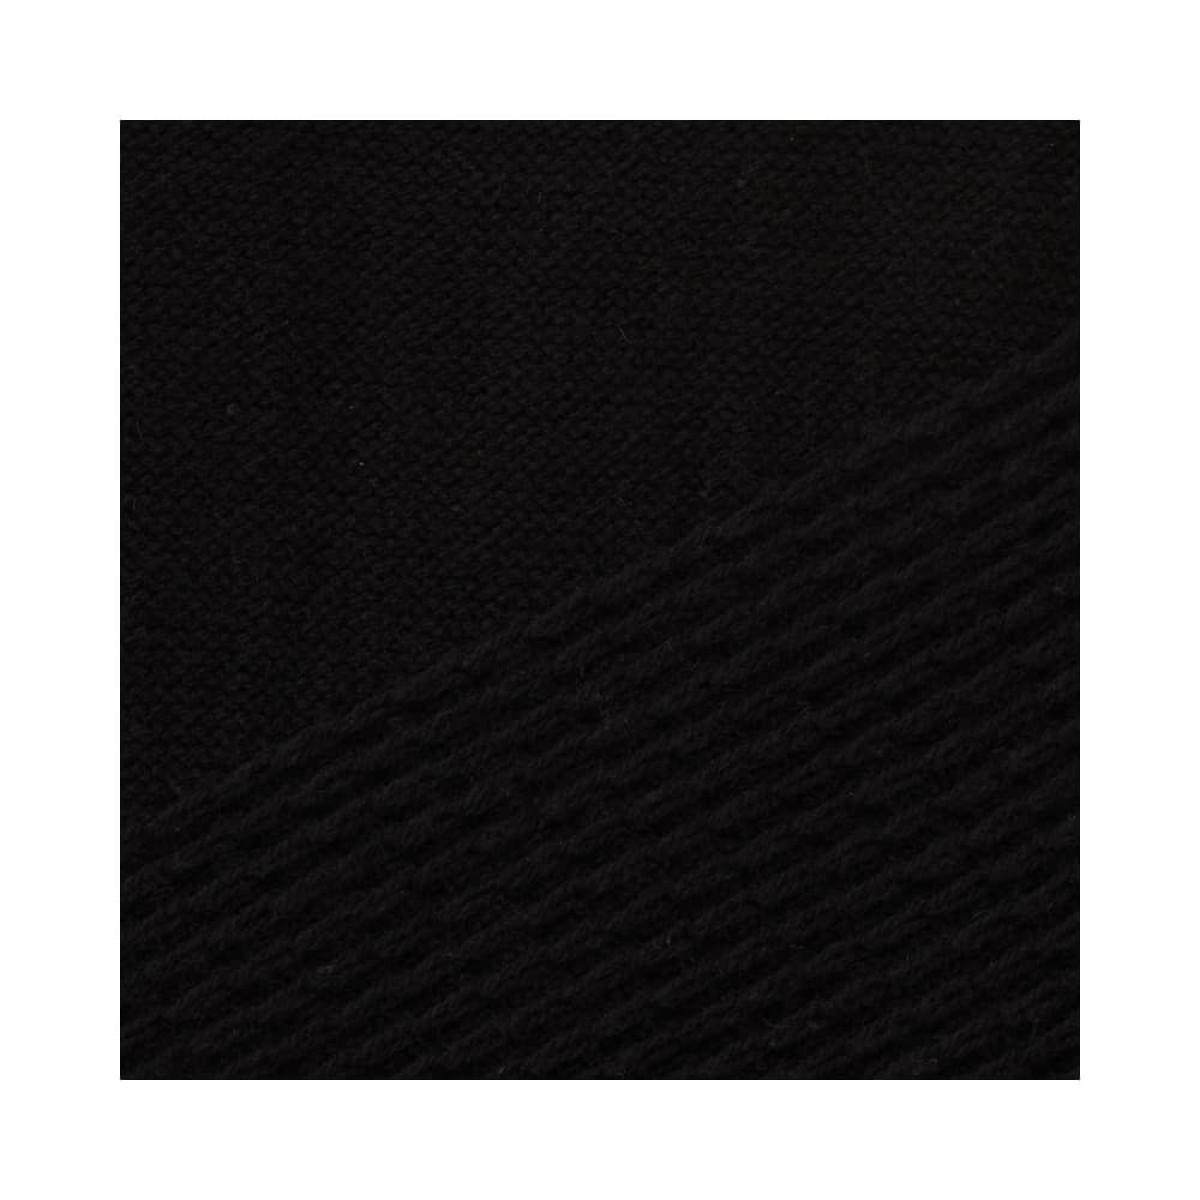 kevea strik - black - mønster